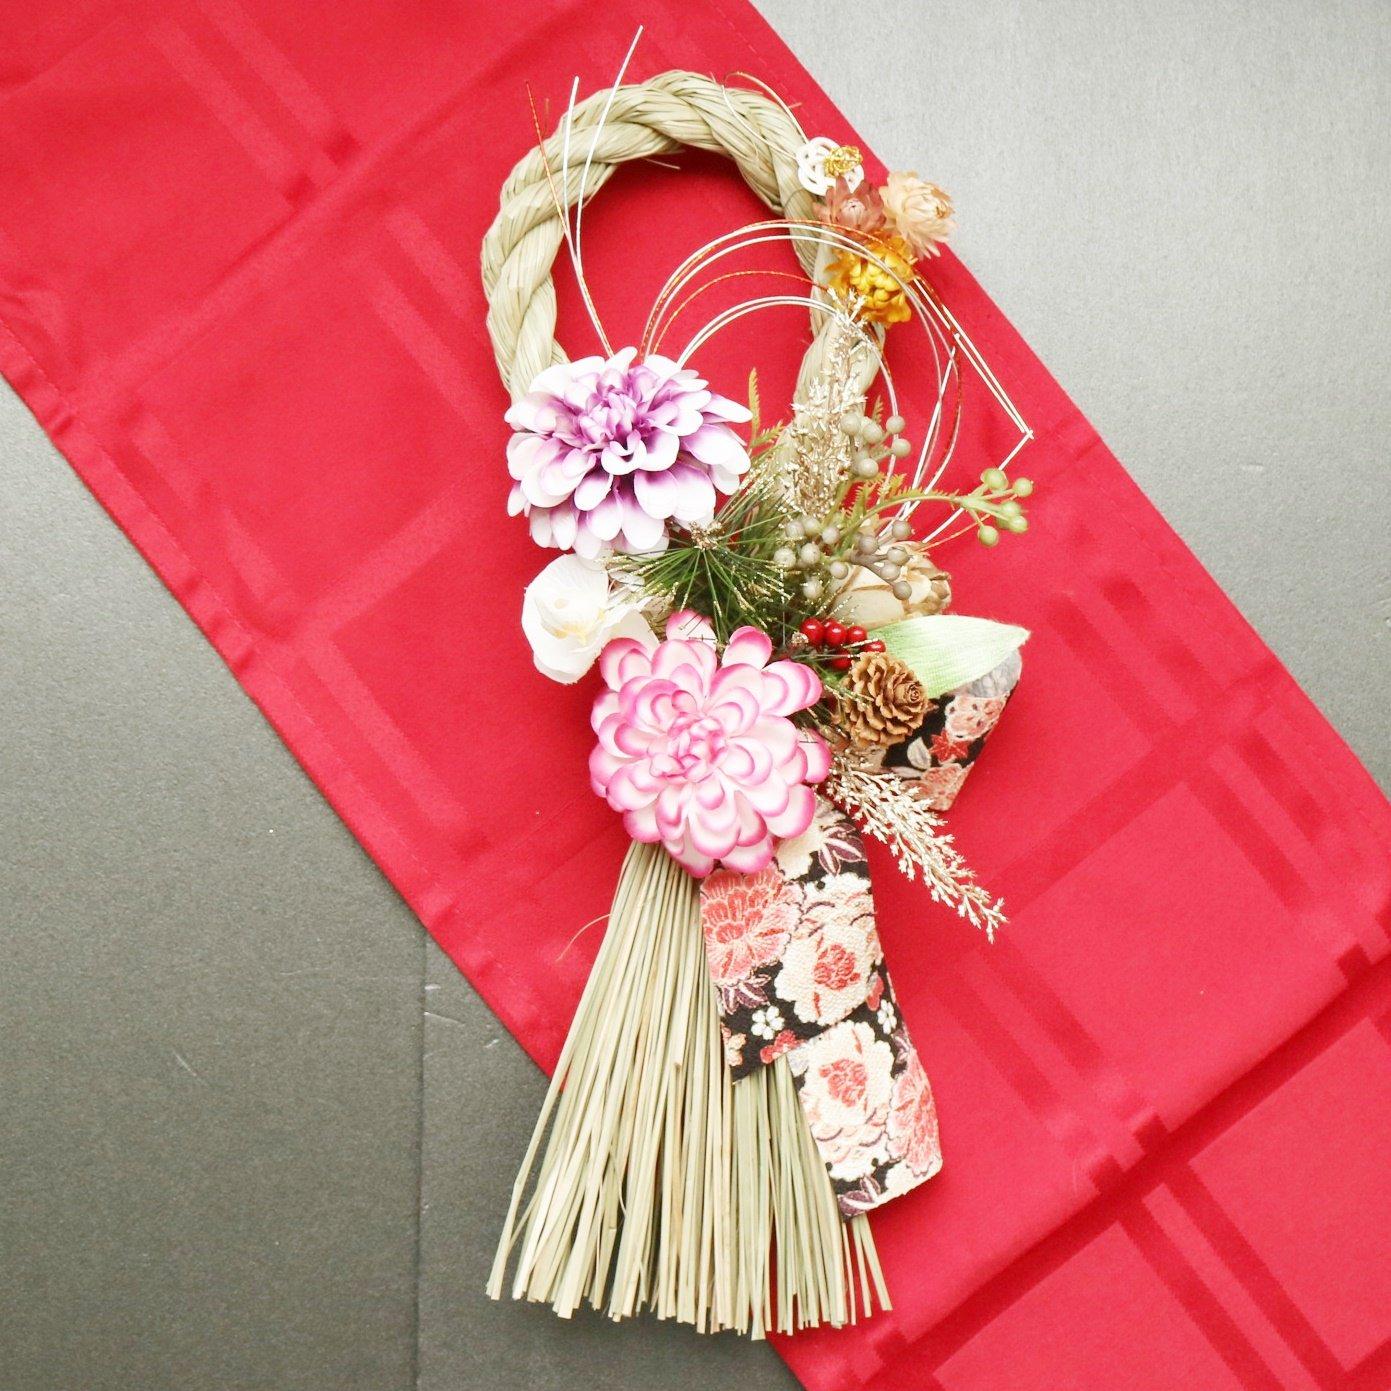 【サロン用】12/23開催しめ縄飾りレッスンチケット 八王子フラワー教室スターリリーフラワーズのイメージその2